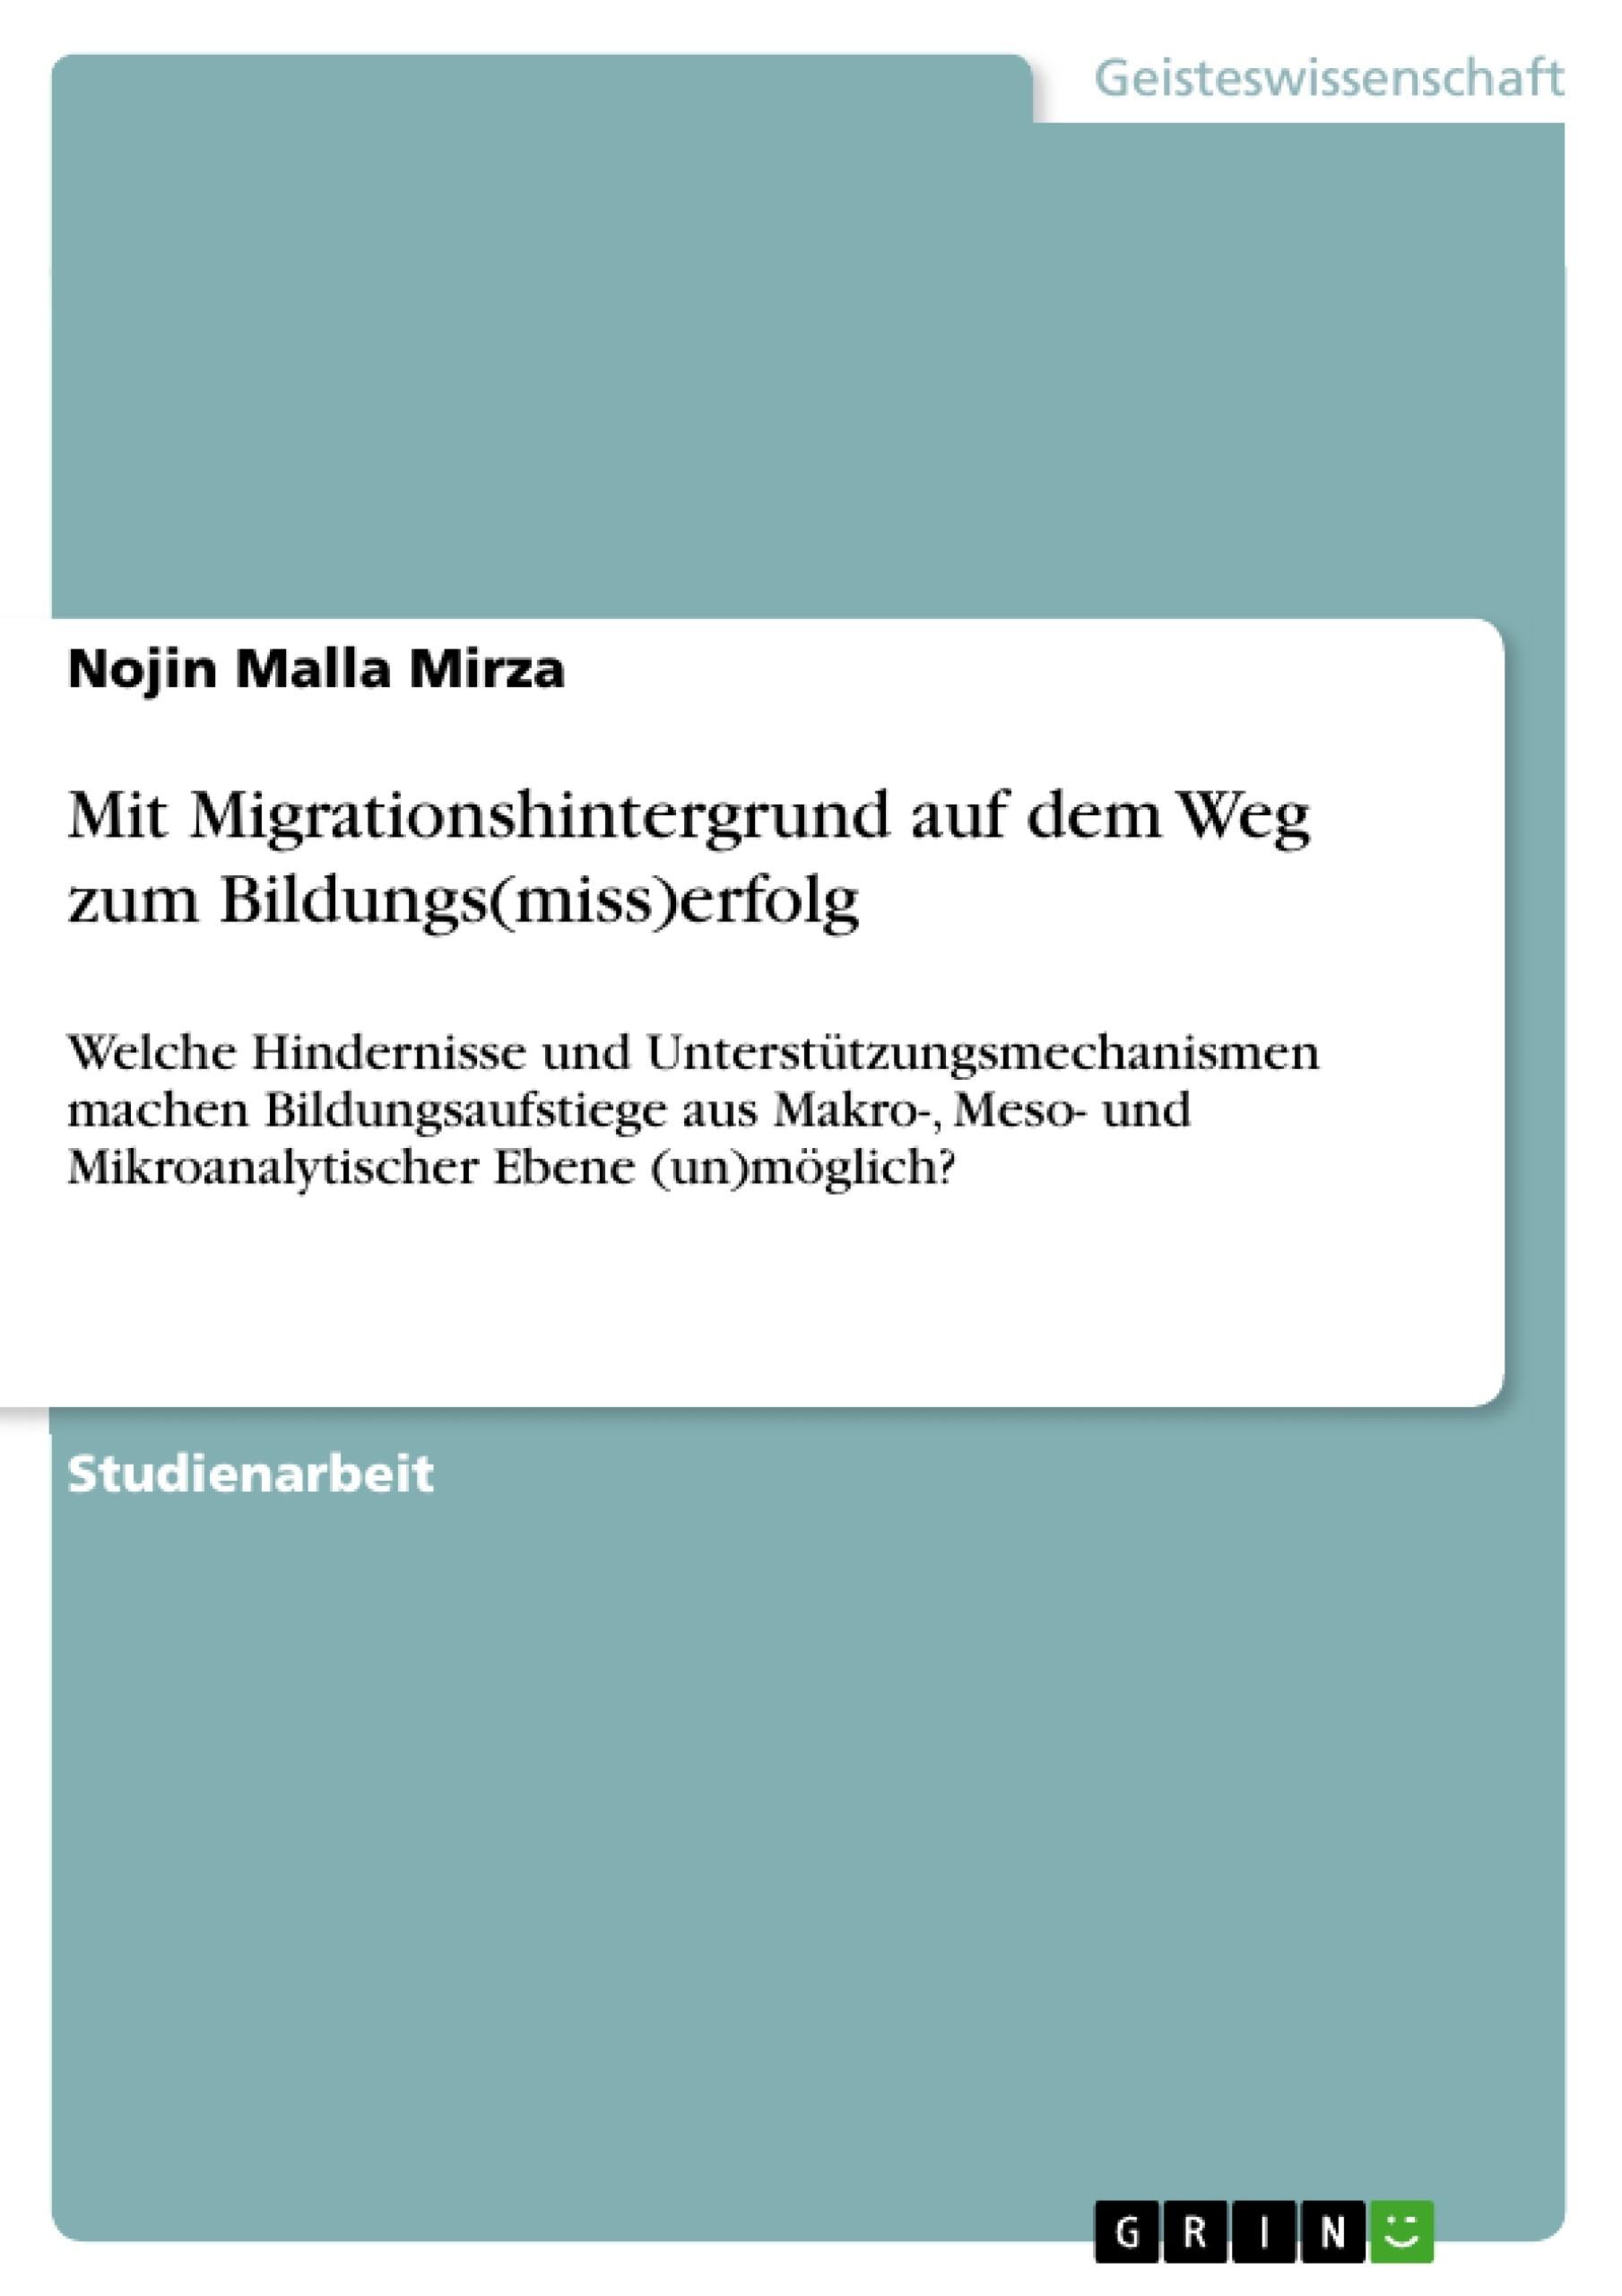 Titel: Mit Migrationshintergrund auf dem Weg zum Bildungs(miss)erfolg